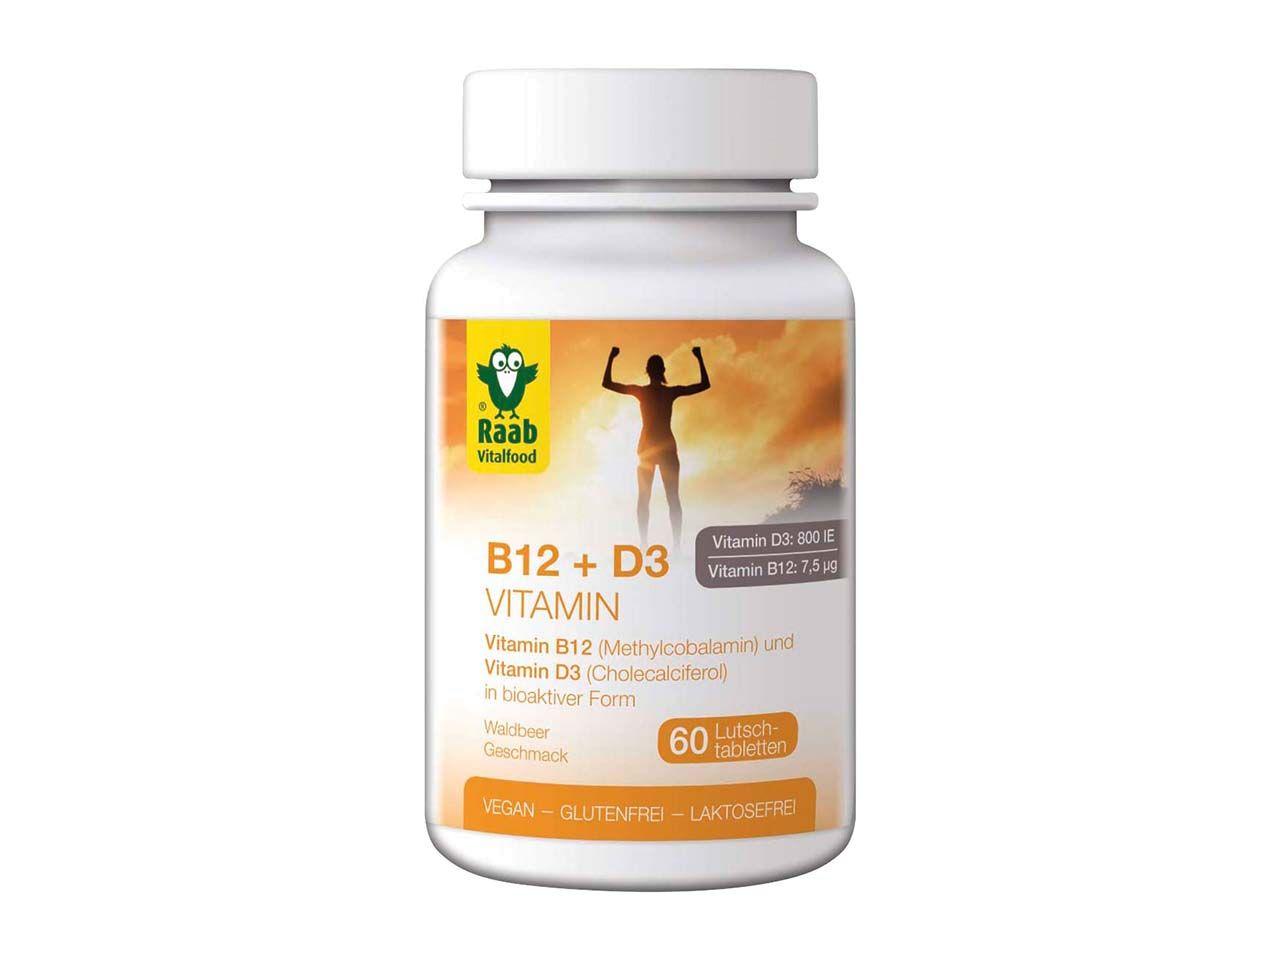 Raab Vitalfood Vitamin B12 + D3 Tabletten, 60 Stk. 1313